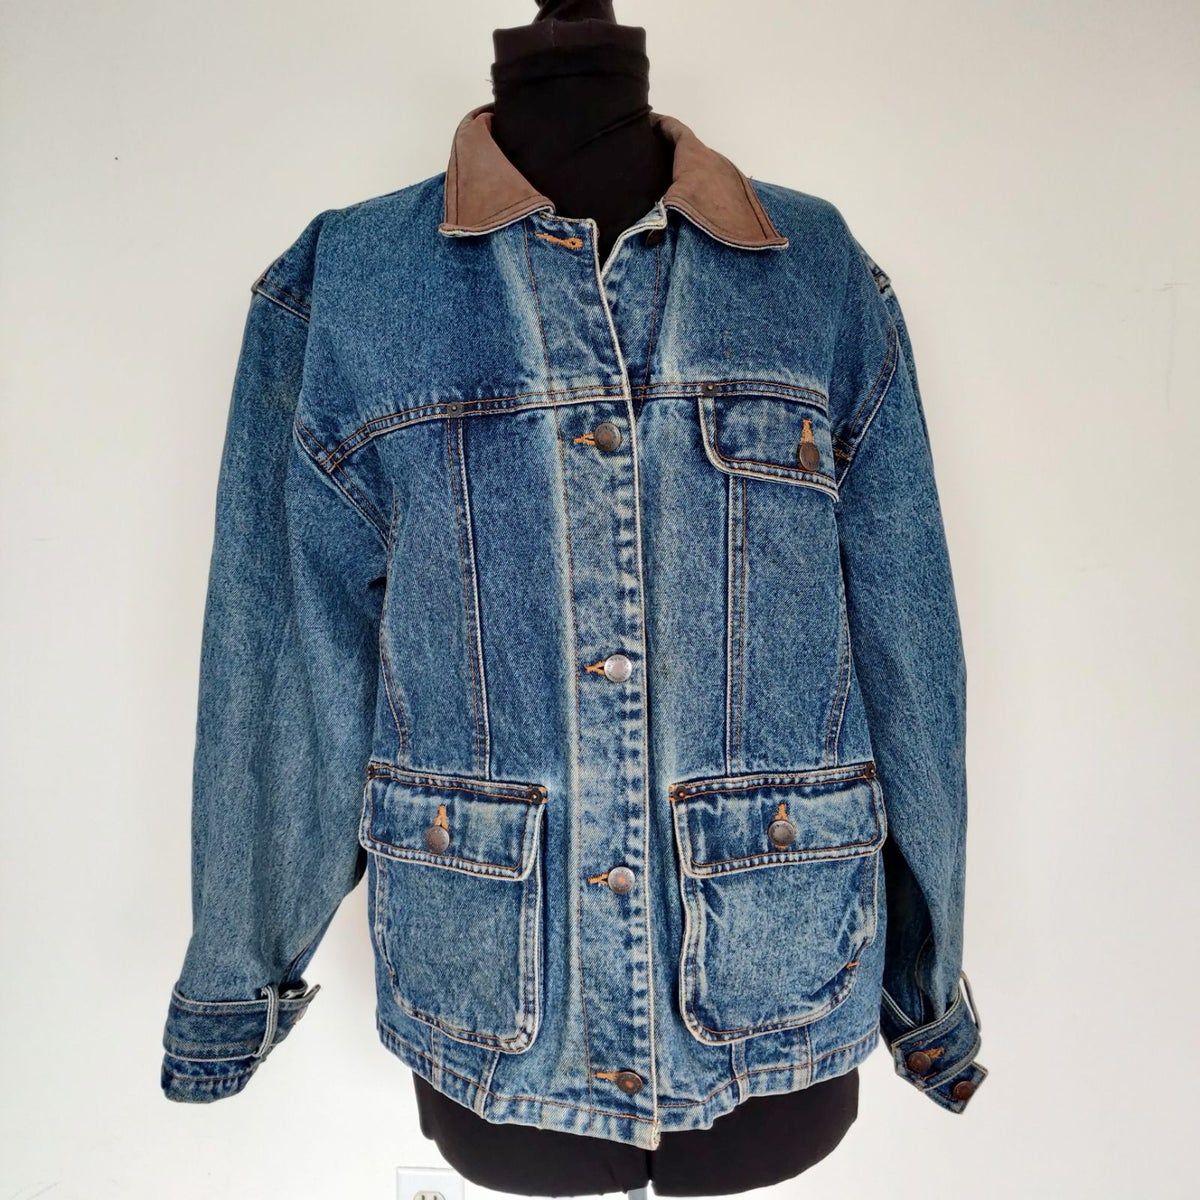 Vtg Wrangler Denim Jacket Leather Collar Jackets Denim Jacket Vintage Denim [ 1200 x 1200 Pixel ]